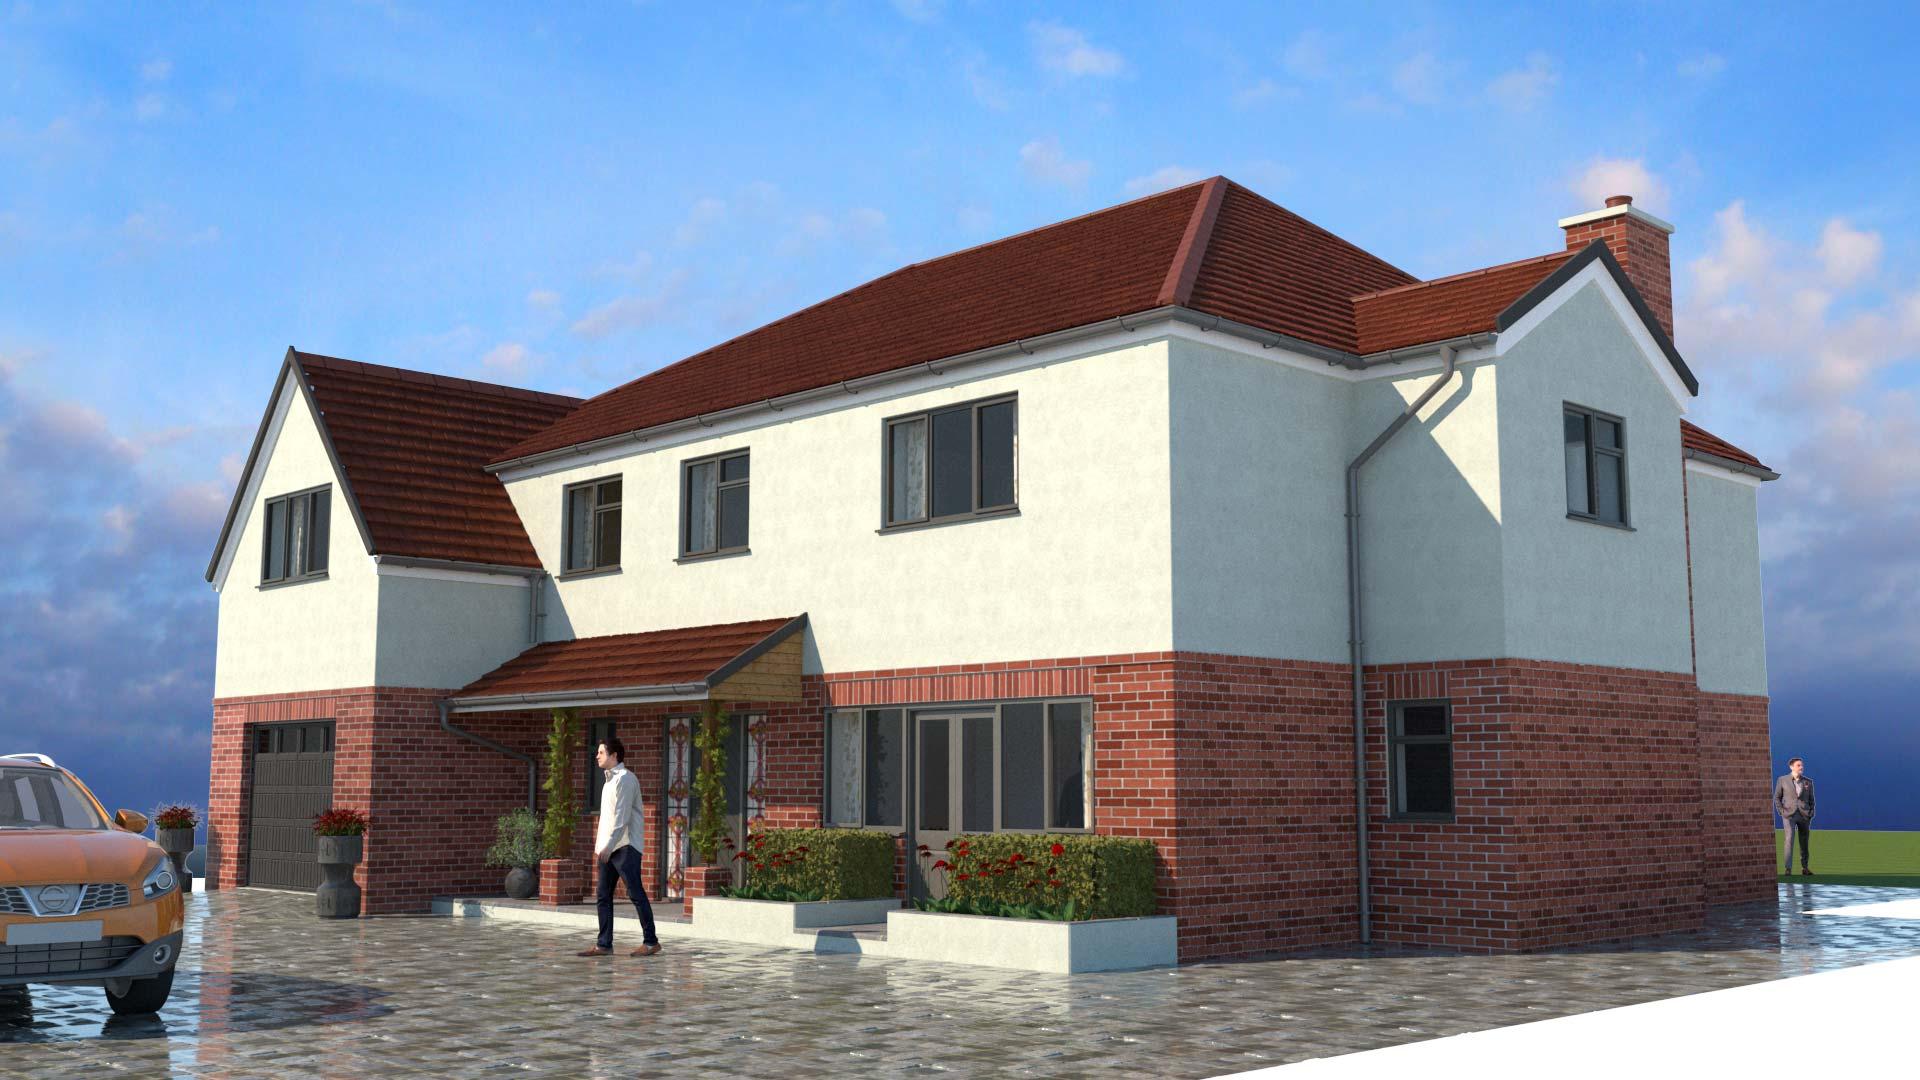 house CGI external rendering